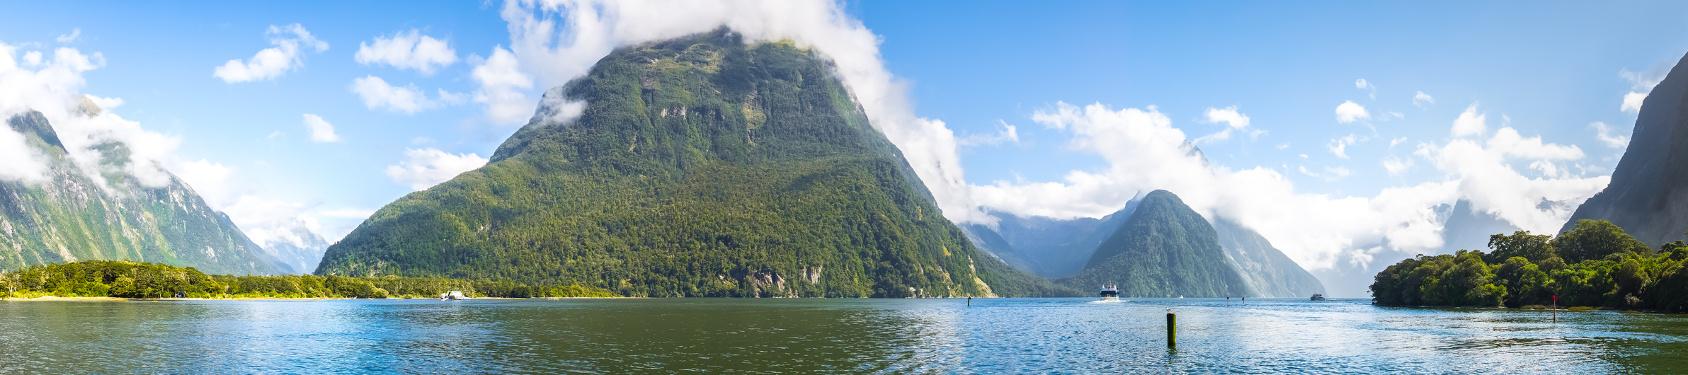 Bild von Neuseeland